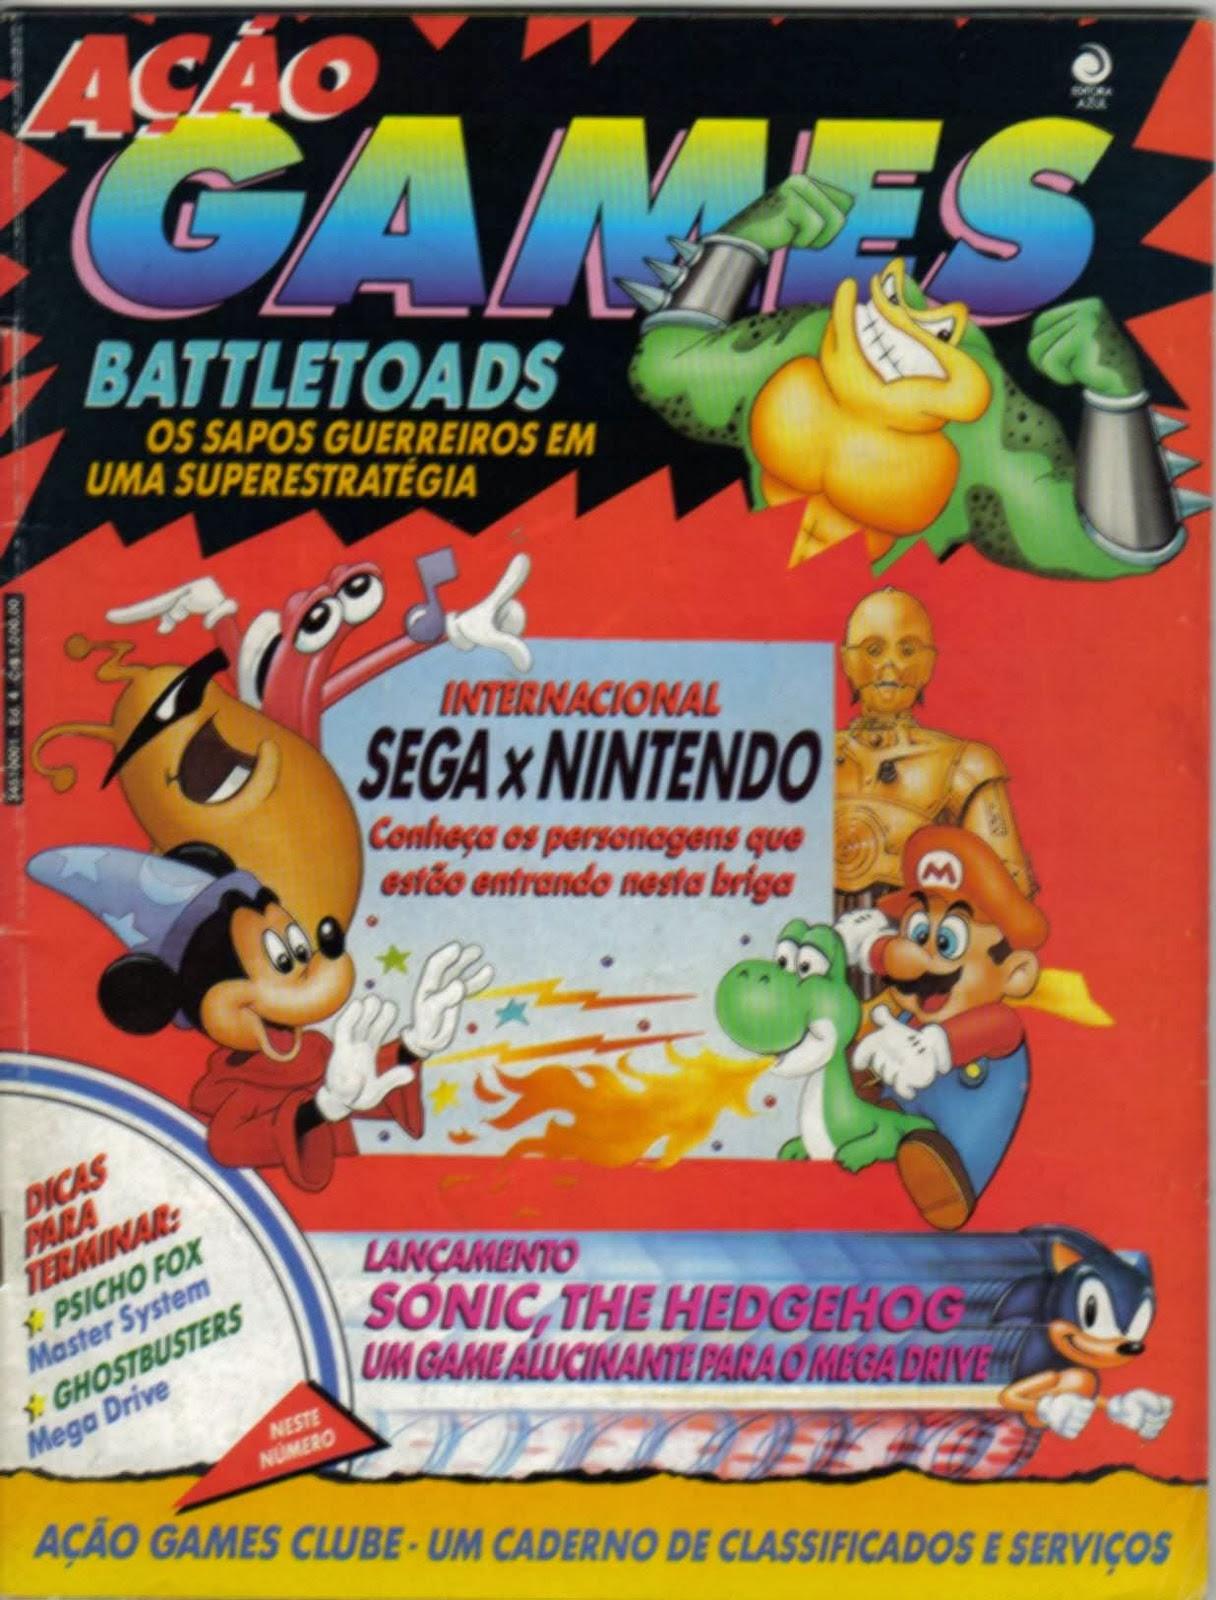 Pedro Zambarda Portifolio Online Projeto Coluna Gerao Gamer Mario Kart Wii Luigi Circuit Gameshigh Contrast Jogo Videogames Desde 91 Quando Tinha Dois Anos De Idade E Pude Mexer Com Um Em Meu Phantom System